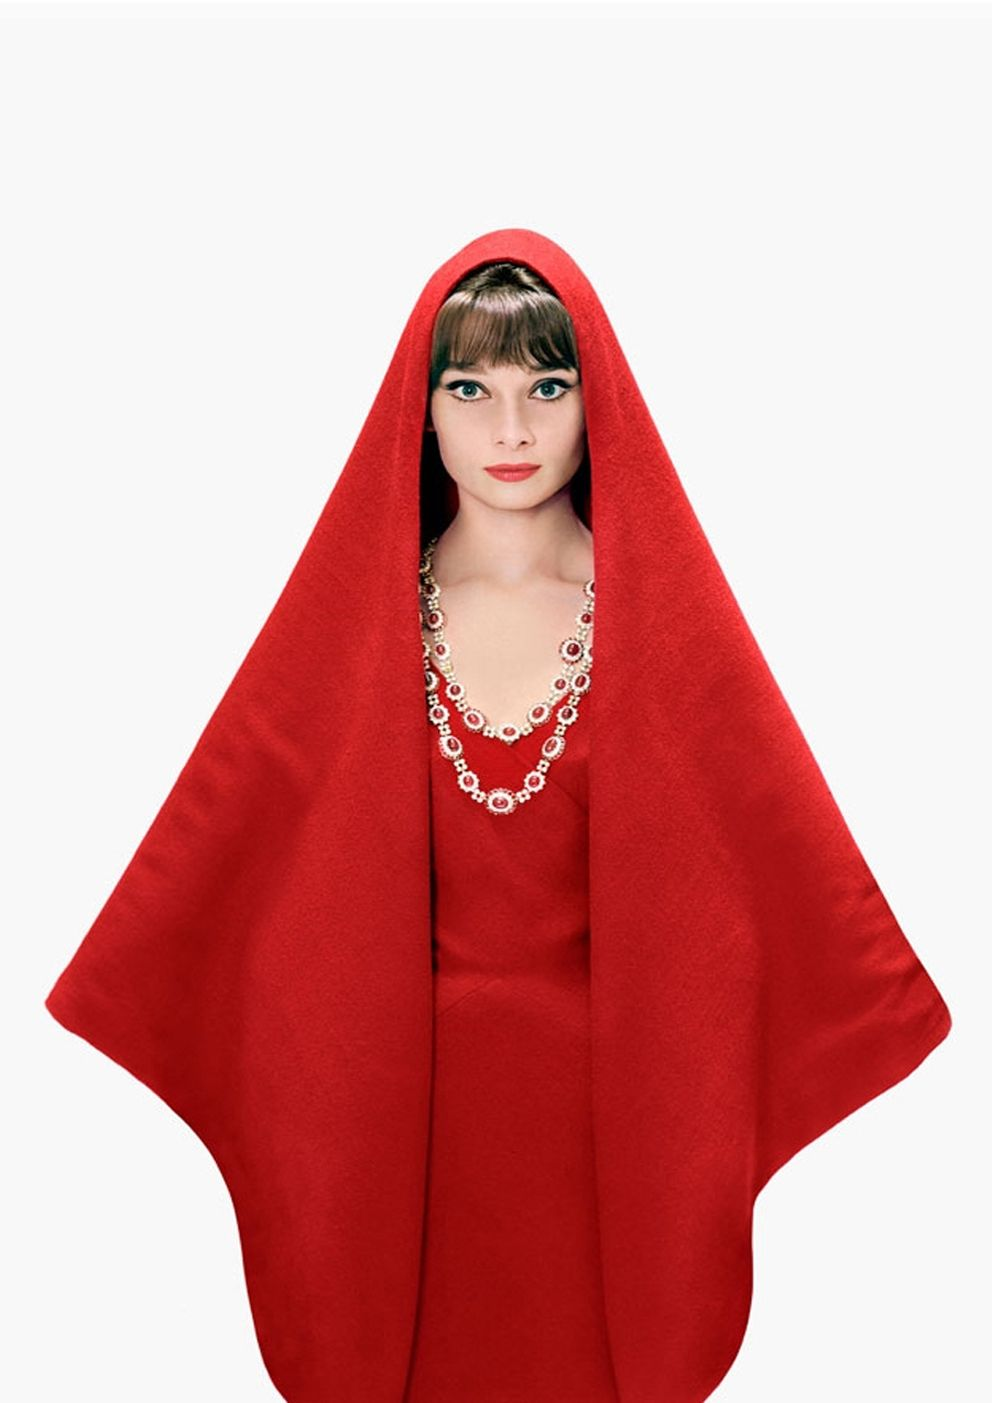 Audrey Hepburn for Harper´s Bazaar, 1961 | House of Beccaria#